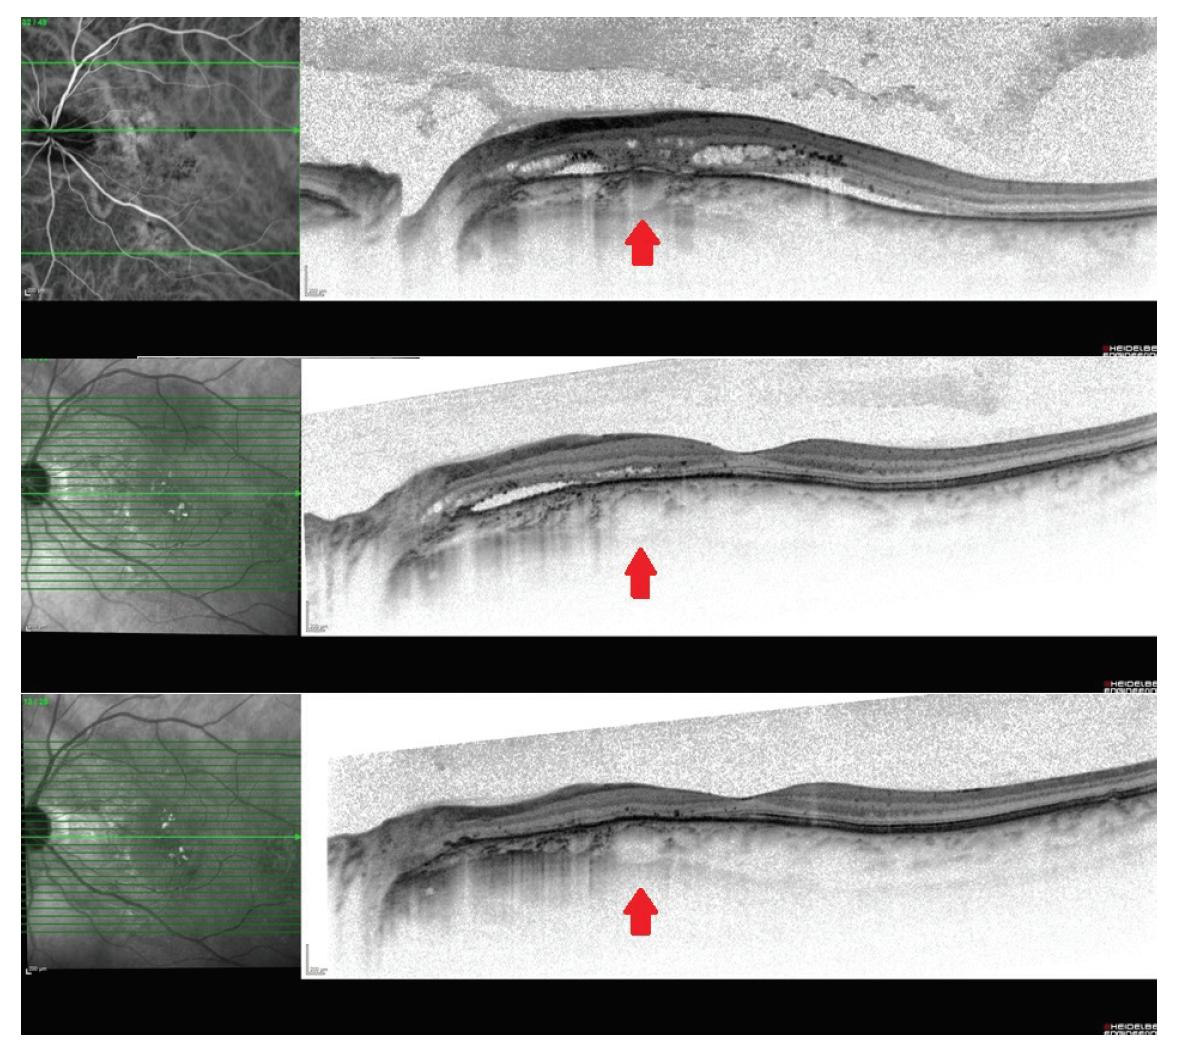 Vývoj nálezu na snímku z optické koherenční tomografie – před a po fotodynamické terapii, patrné zúžení makrocévy a pokles ablace smyslového epitelu